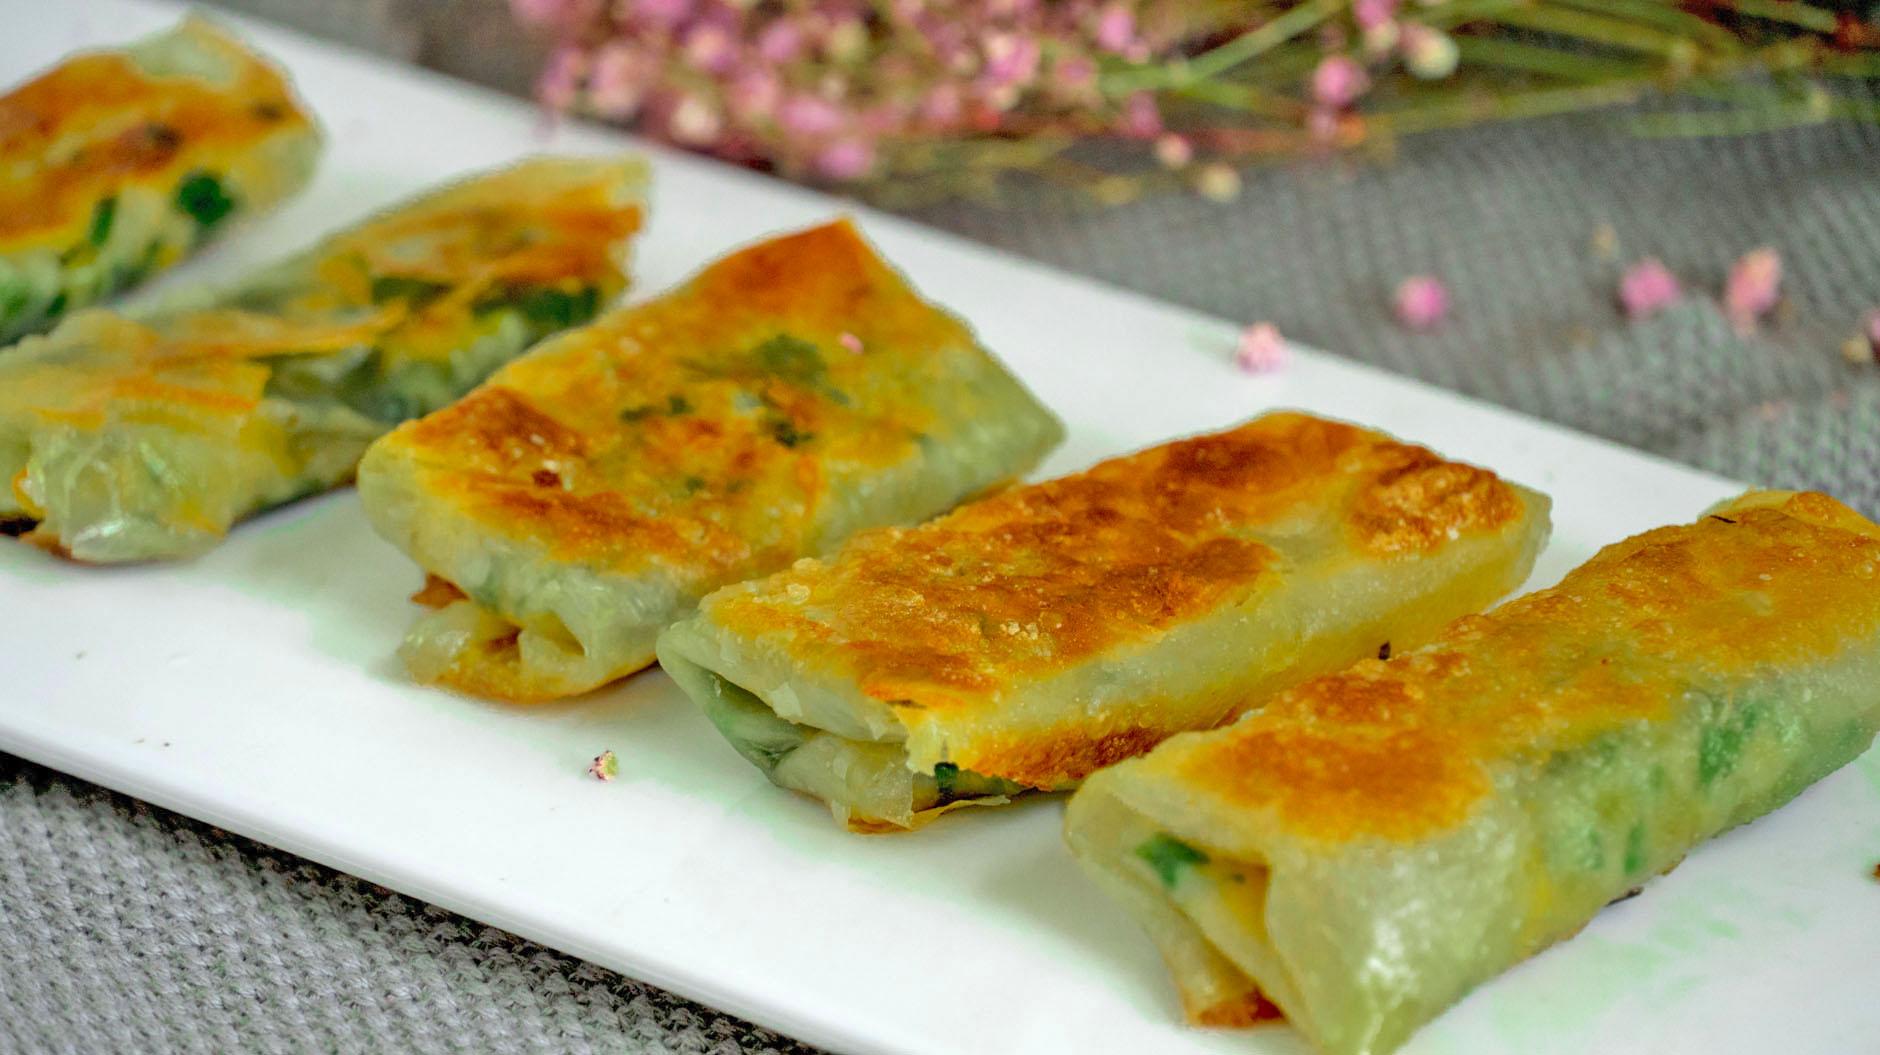 早餐别吃包子馒头了,1块钱饺子皮,教你5种吃法,做法简单又解馋 美食做法 第18张